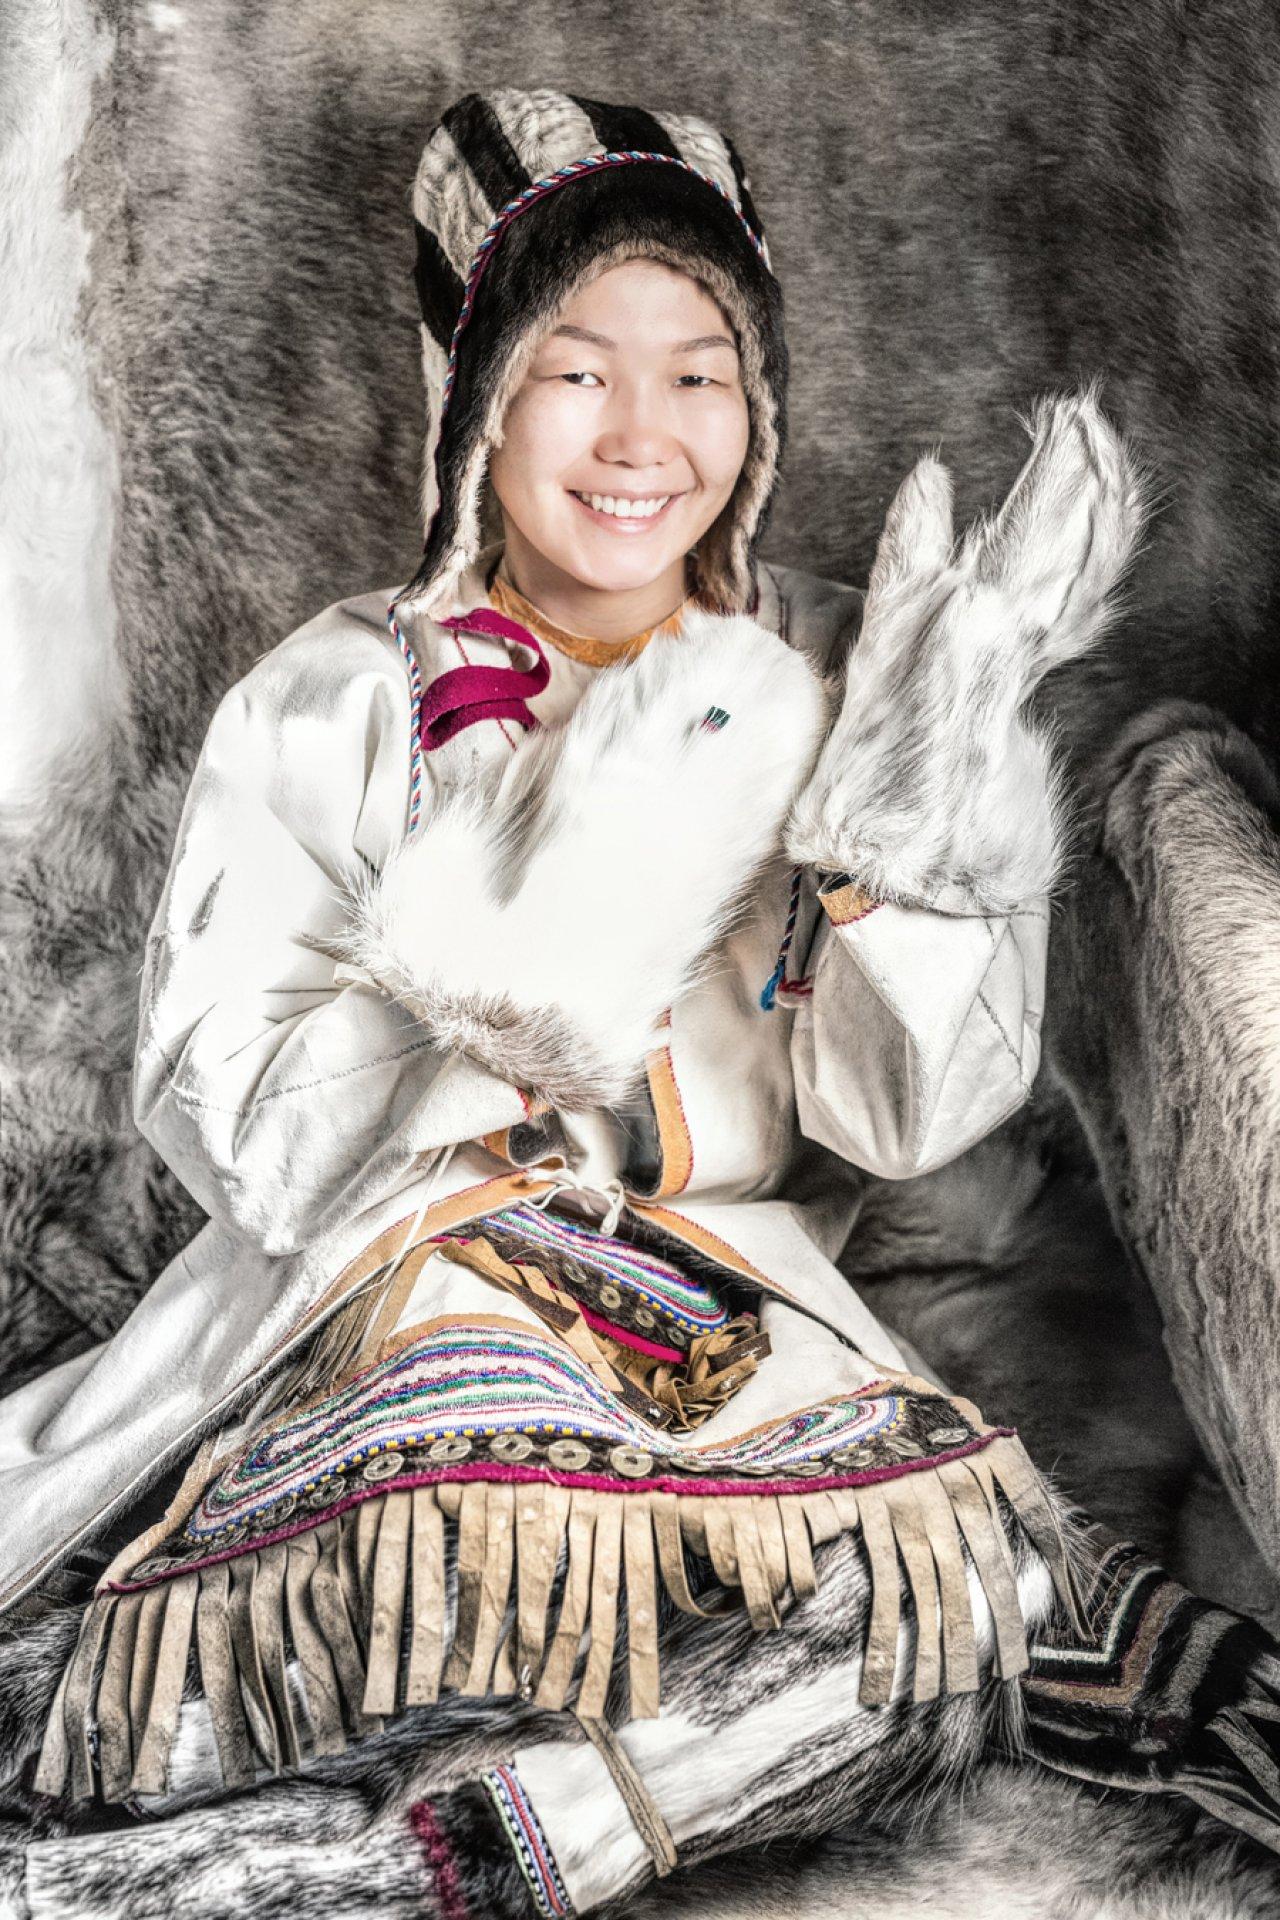 Представительница малочисленного народа юкагир. Добраться до труднодоступной местности, где они проживают, можно на самолёте, а затем на вертолёте. Фото: © Alexander Khimushin / The World In Faces